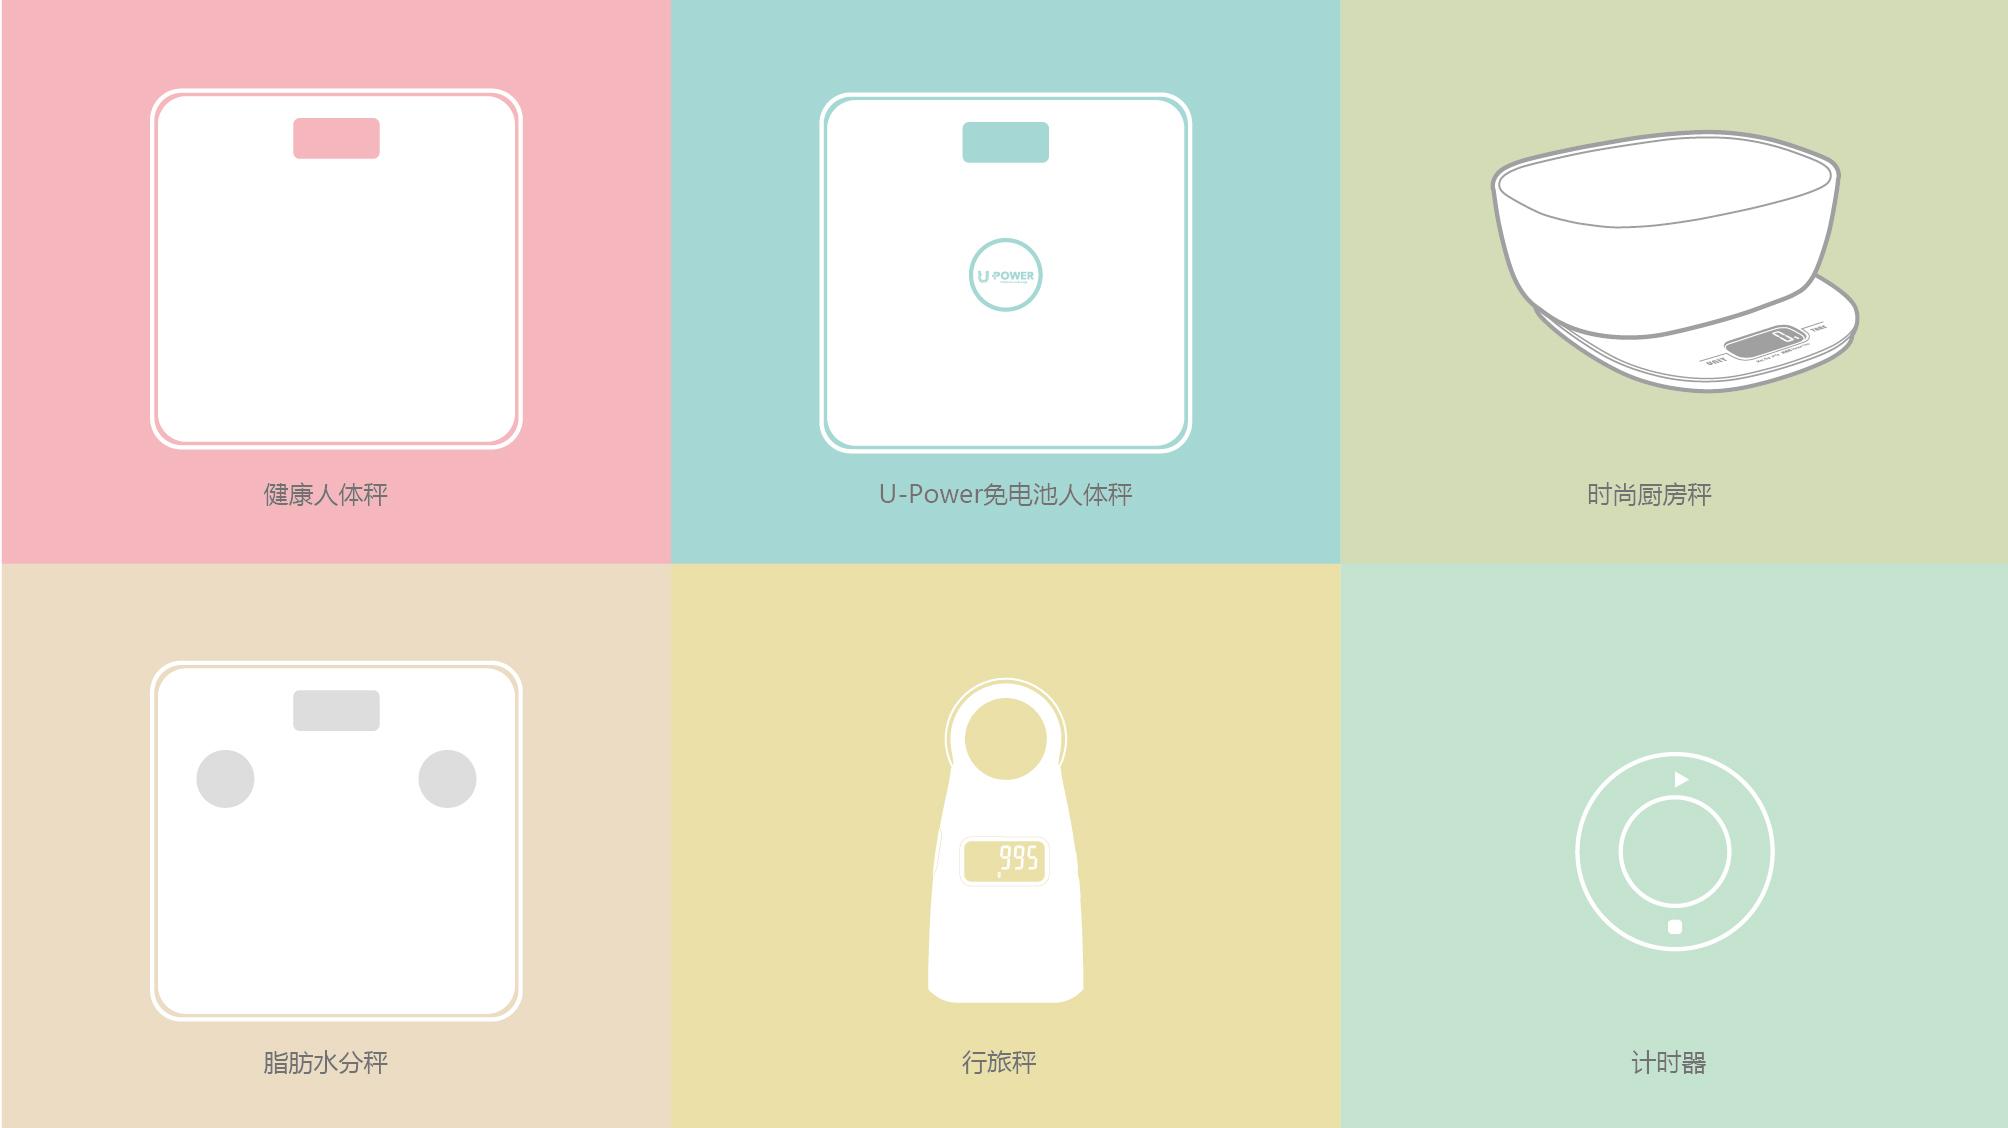 永衡良品产品系列